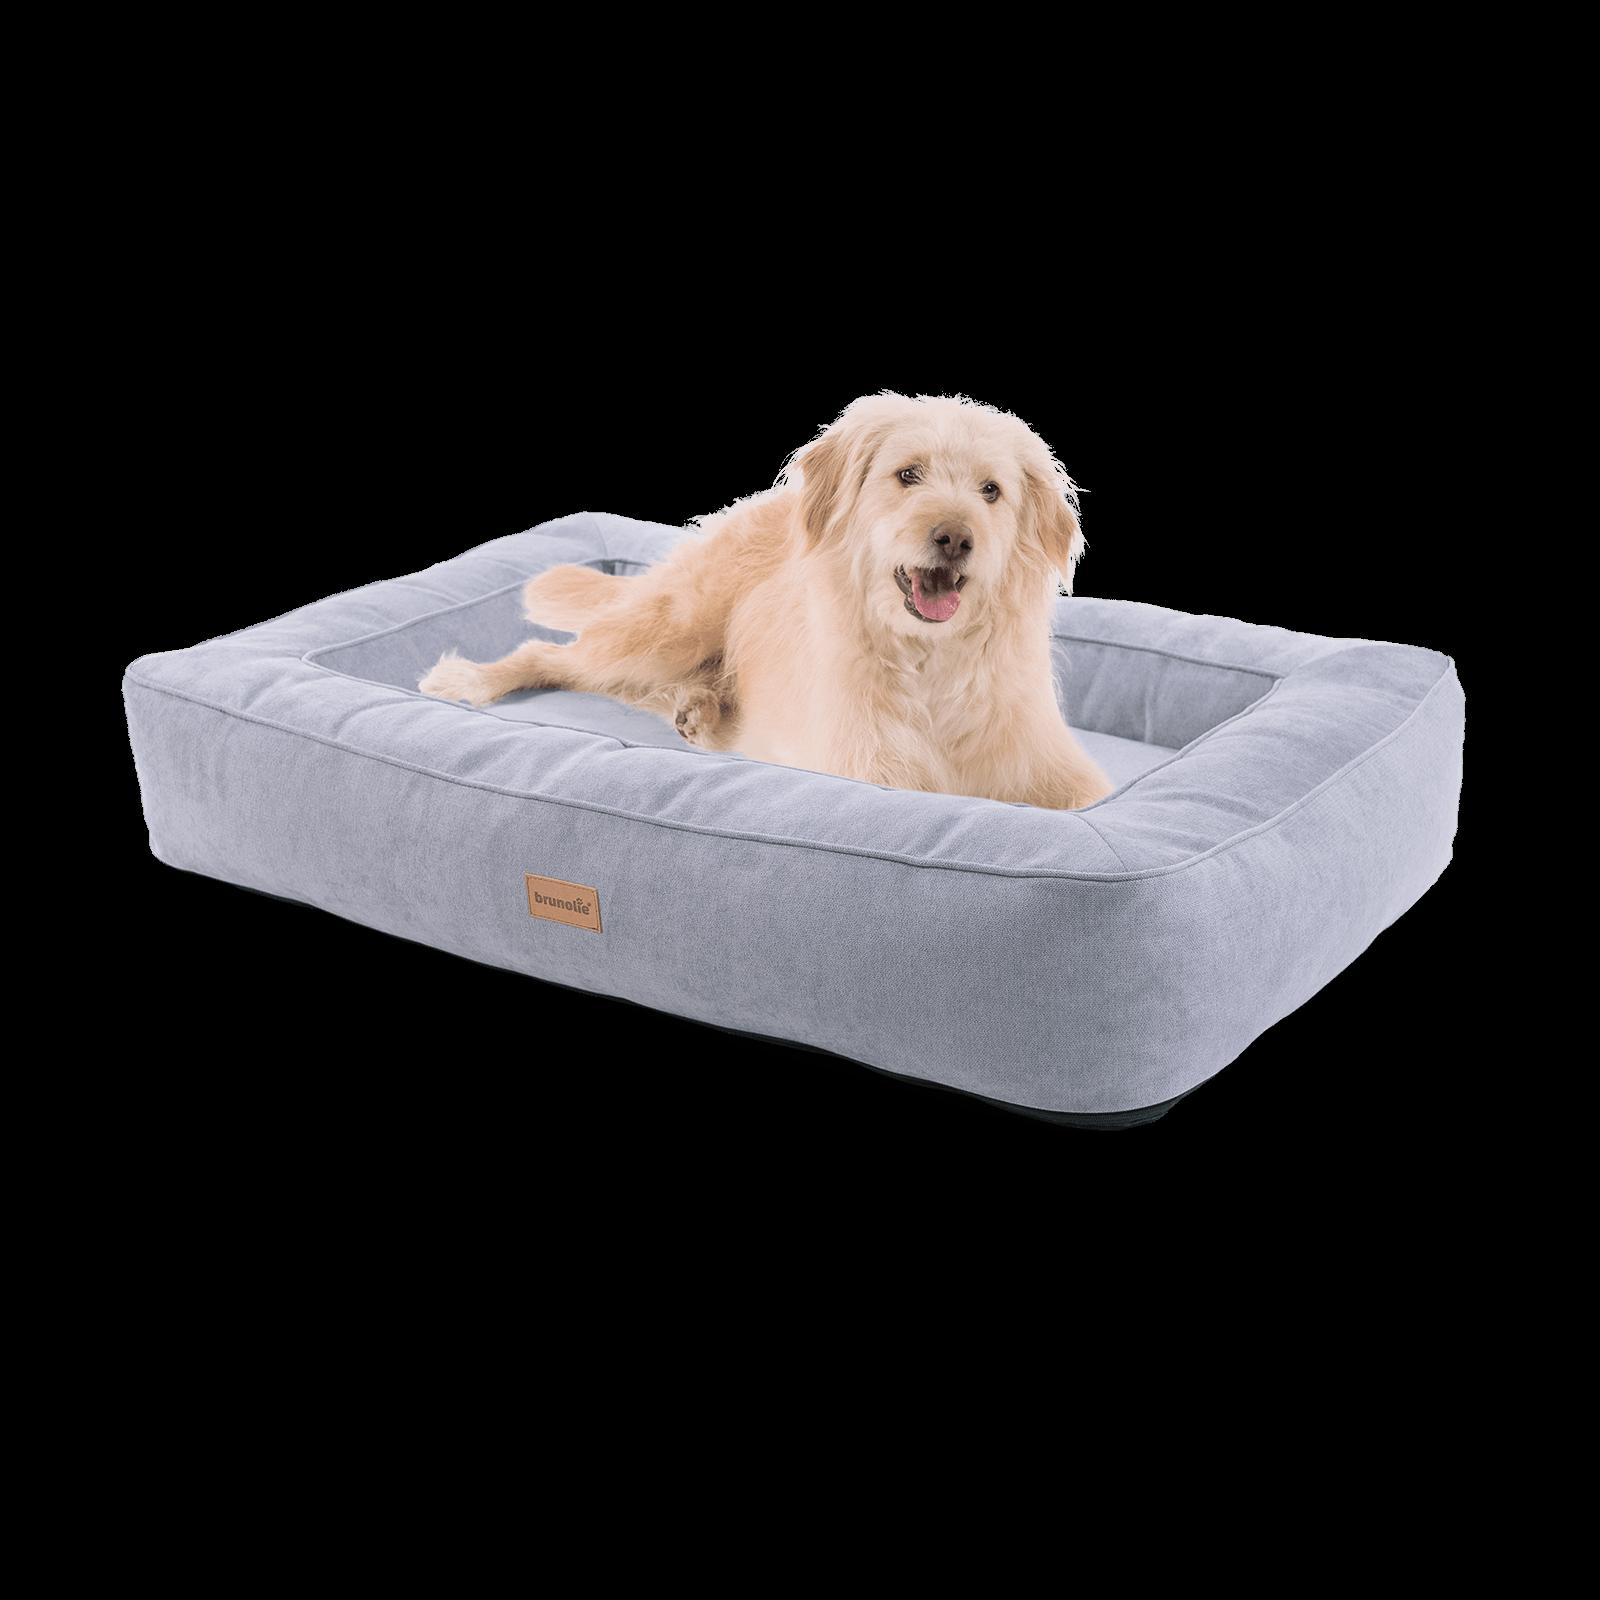 Full Size of Hundebett Flocke Orthopdisches Bruno L Mit Waschbarem Bezug Brunoliede Wohnzimmer Hundebett Flocke